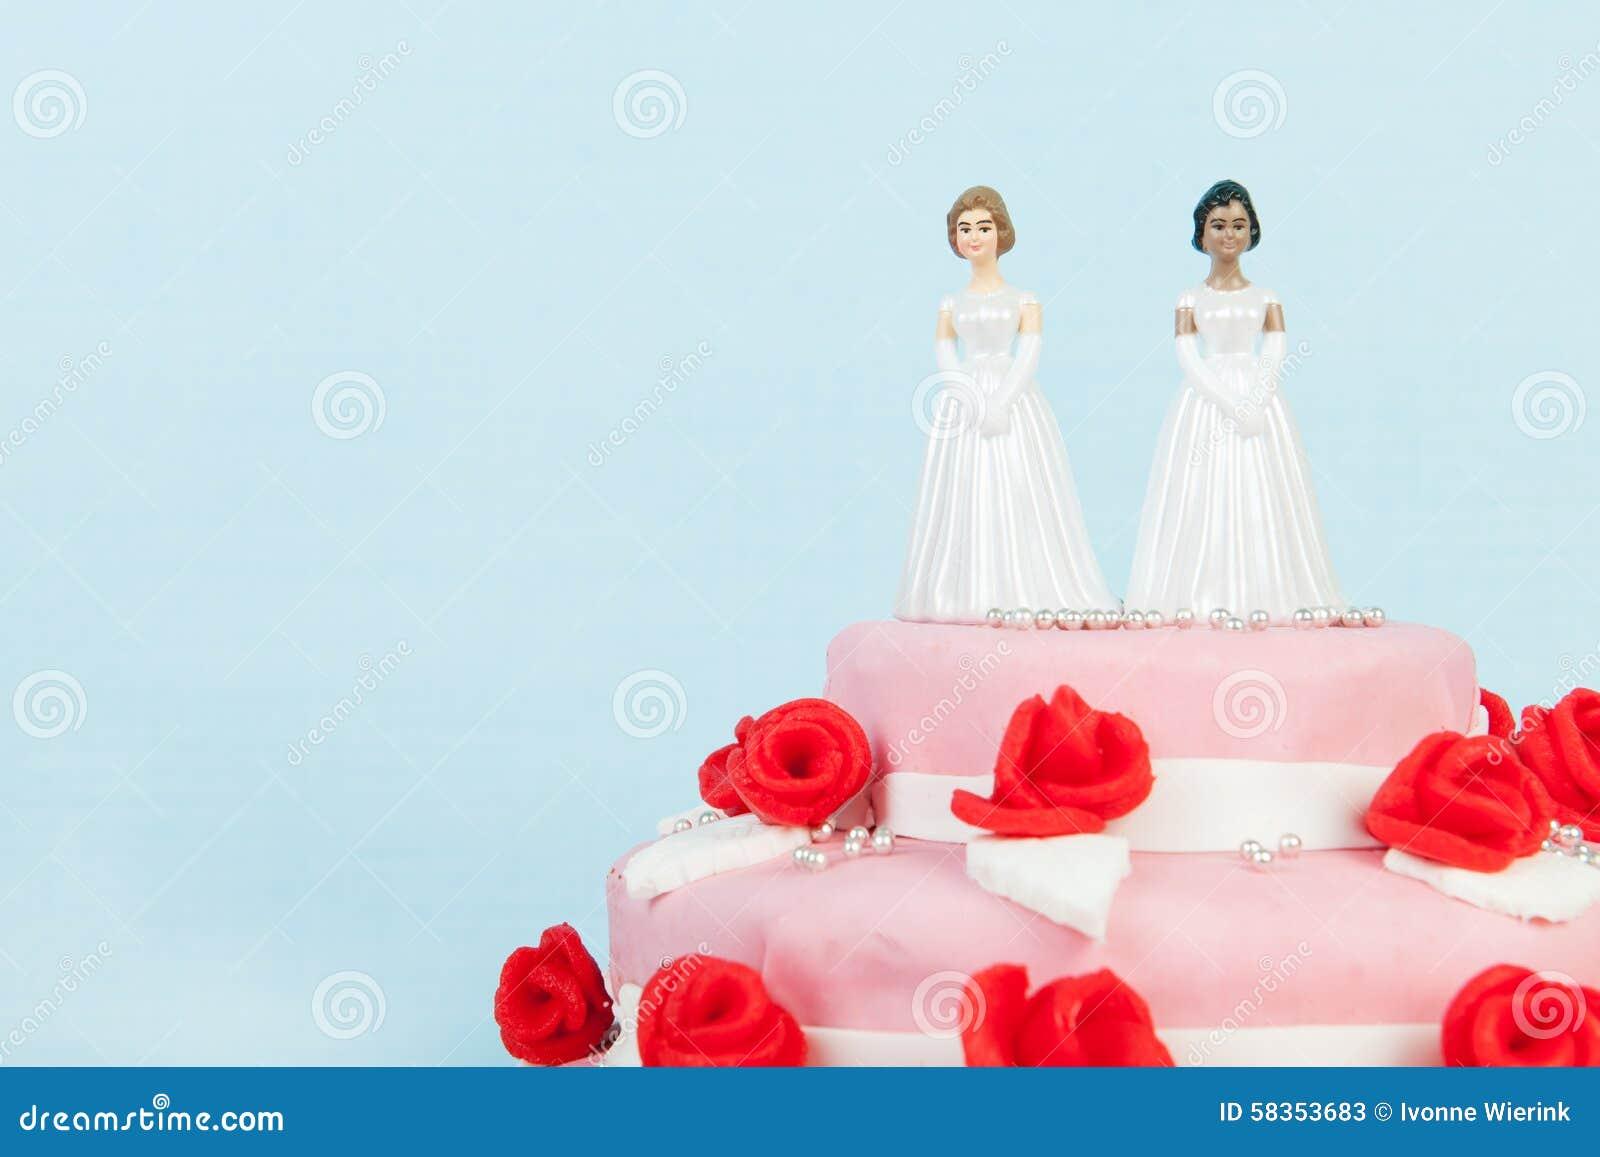 Hochzeitstorte Mit Lesbischen Paaren Stockbild Bild Von Rosen